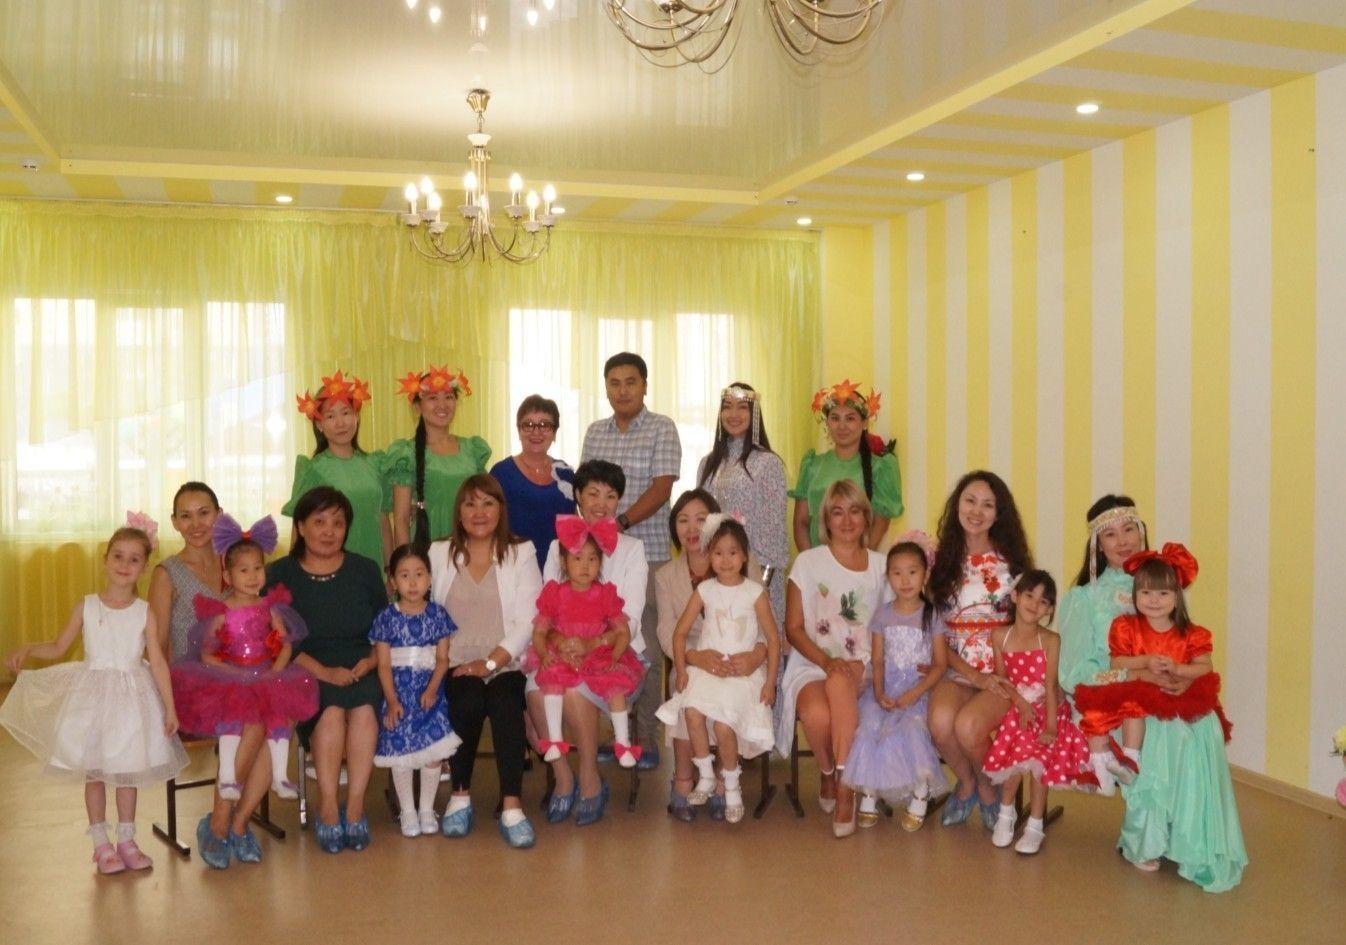 Министерство образования и науки Бурятии высоко оценило опыт работы частных детских садов Якутска